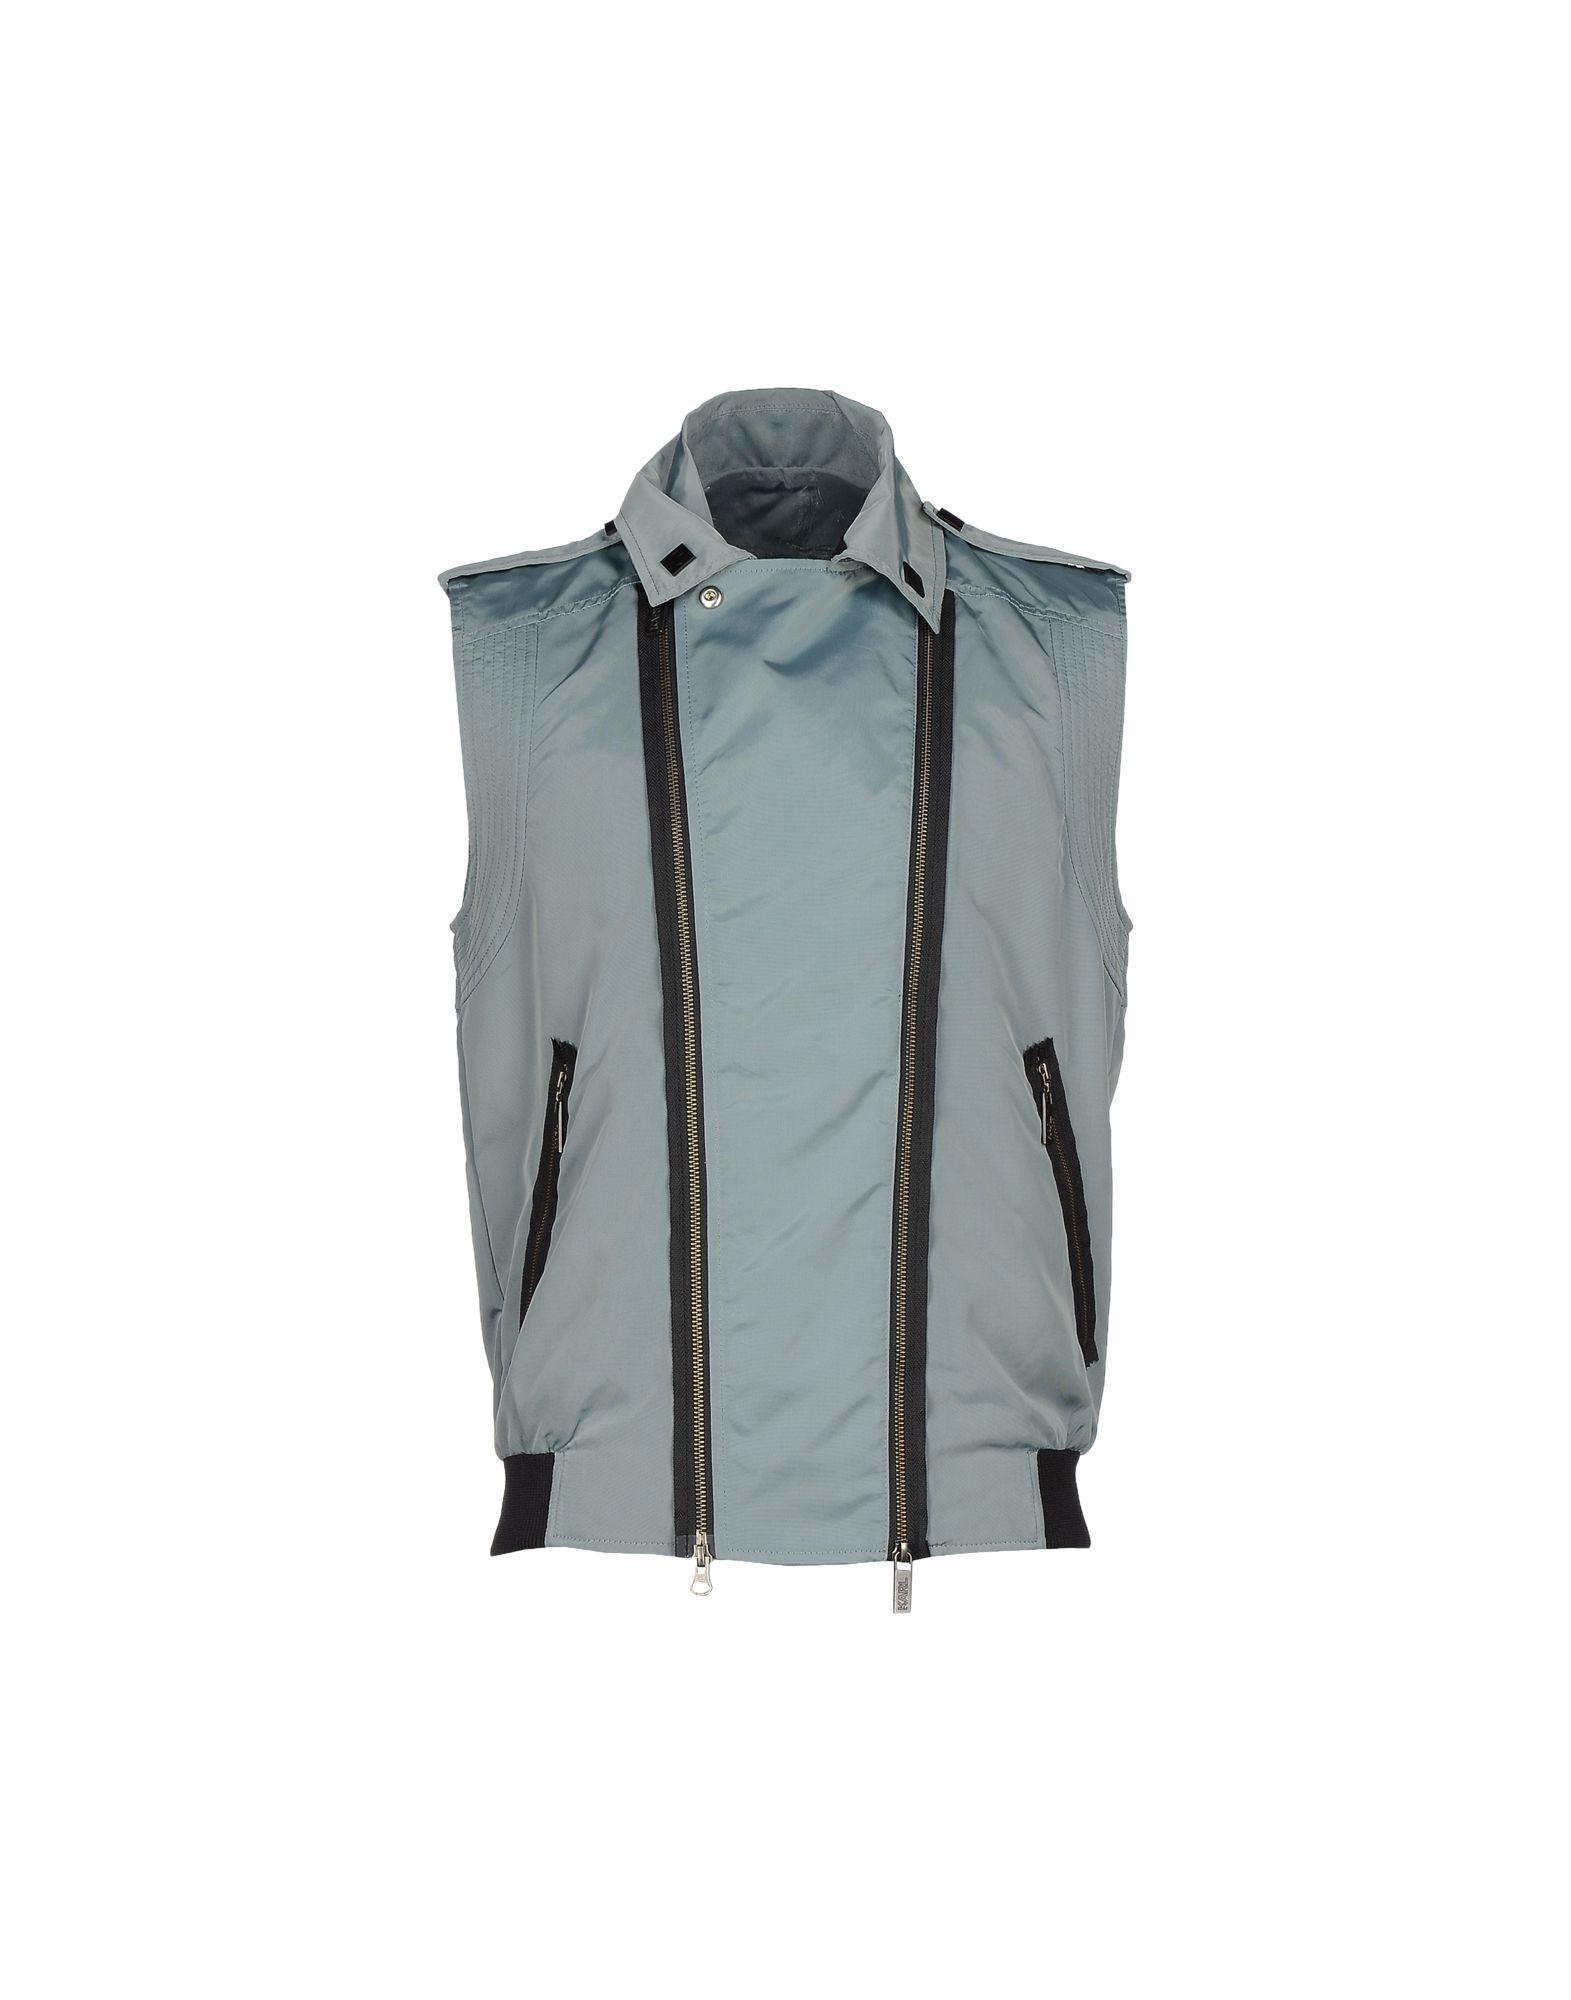 Karl Lagerfeld Jackets In Grey